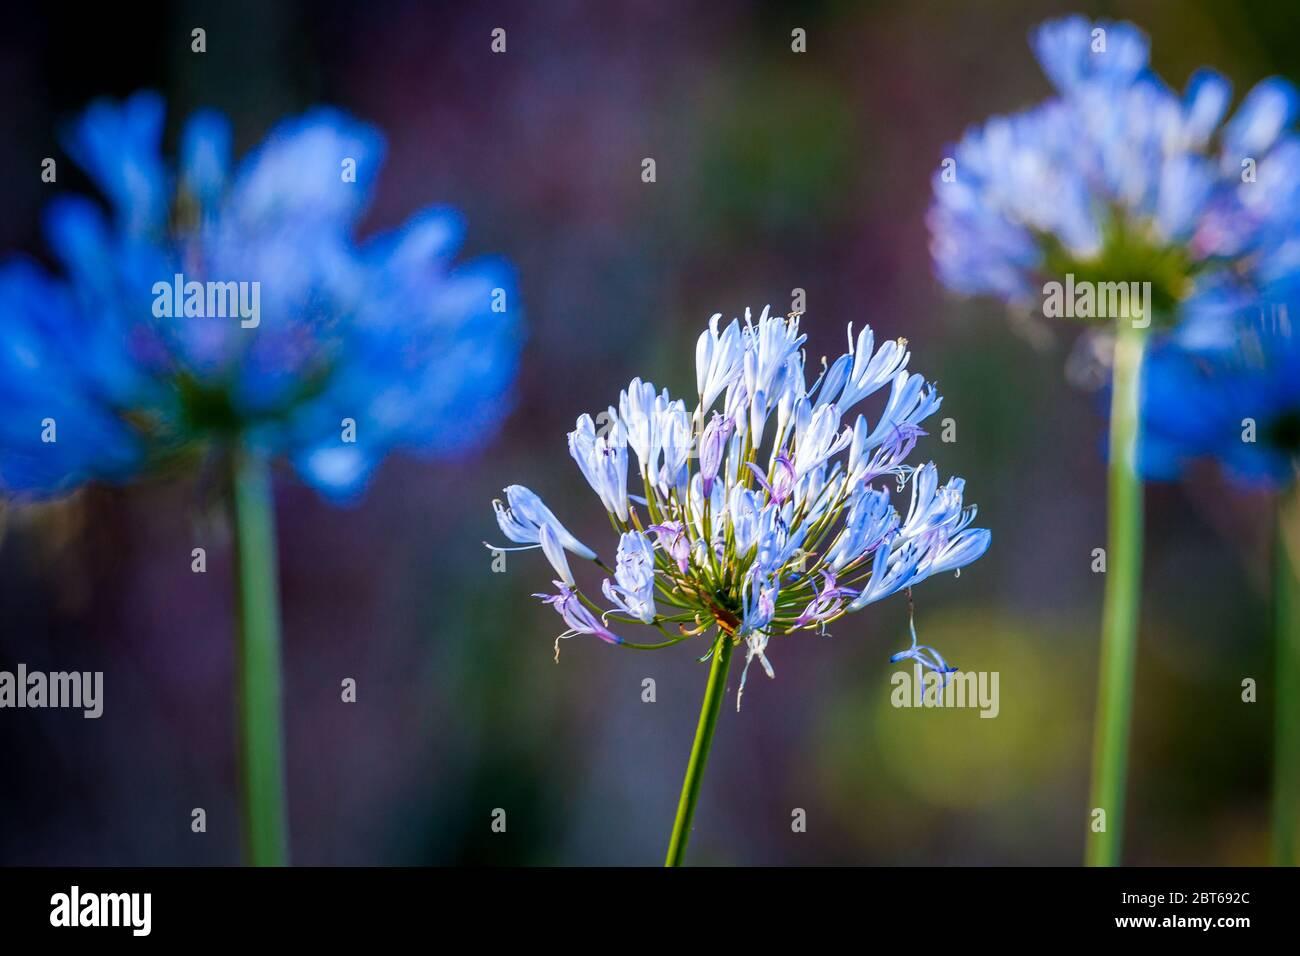 Belles fleurs bleues dans la forêt tropicale luxuriante du parc national de la Amistad, province de Chiriqui, République du Panama. Banque D'Images